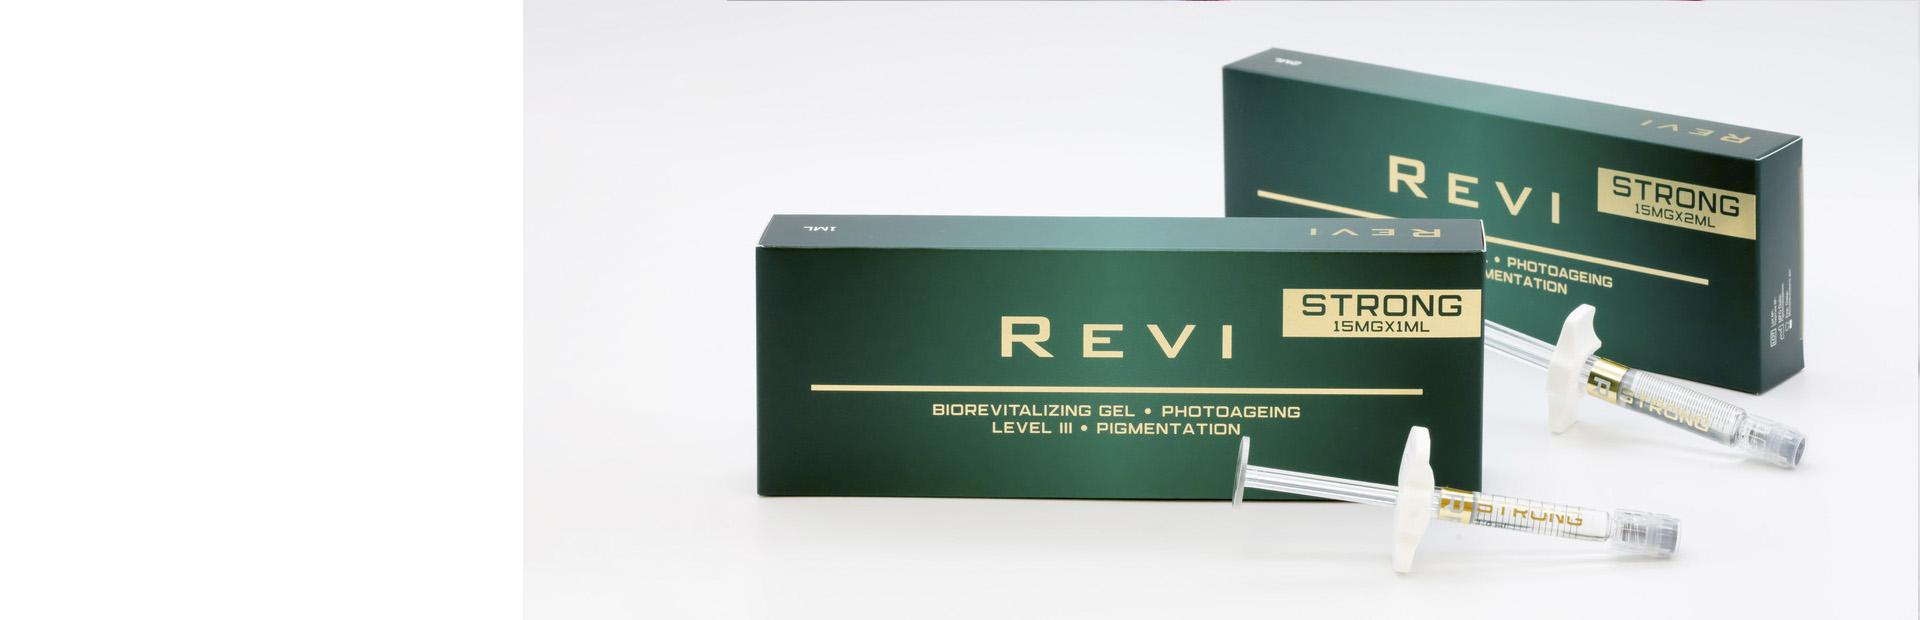 Гиалуроновый гель РЕВИ Стронг (Revi Strong) 1.5%